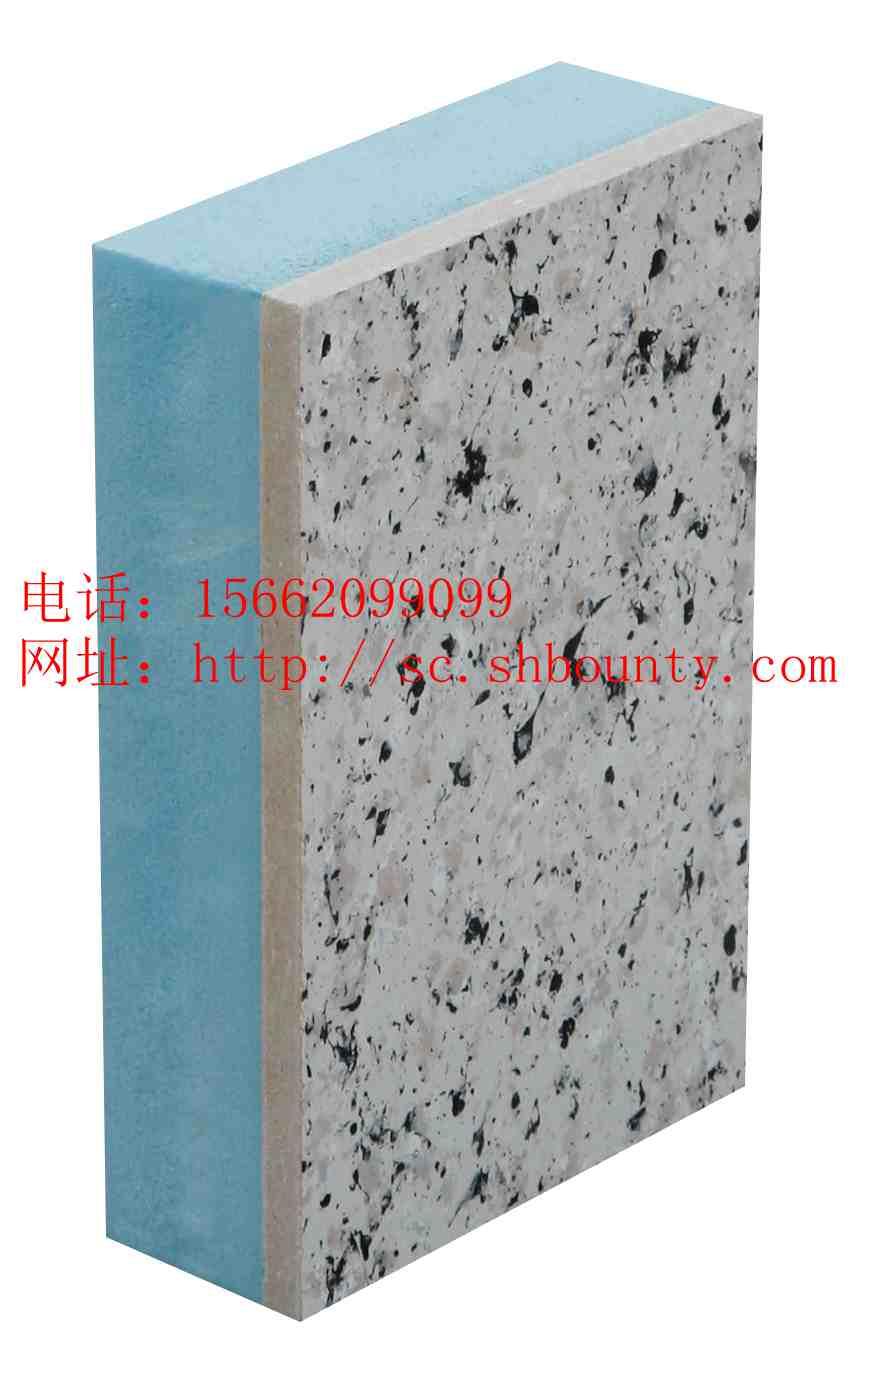 超薄石材图片/超薄石材样板图 (2)